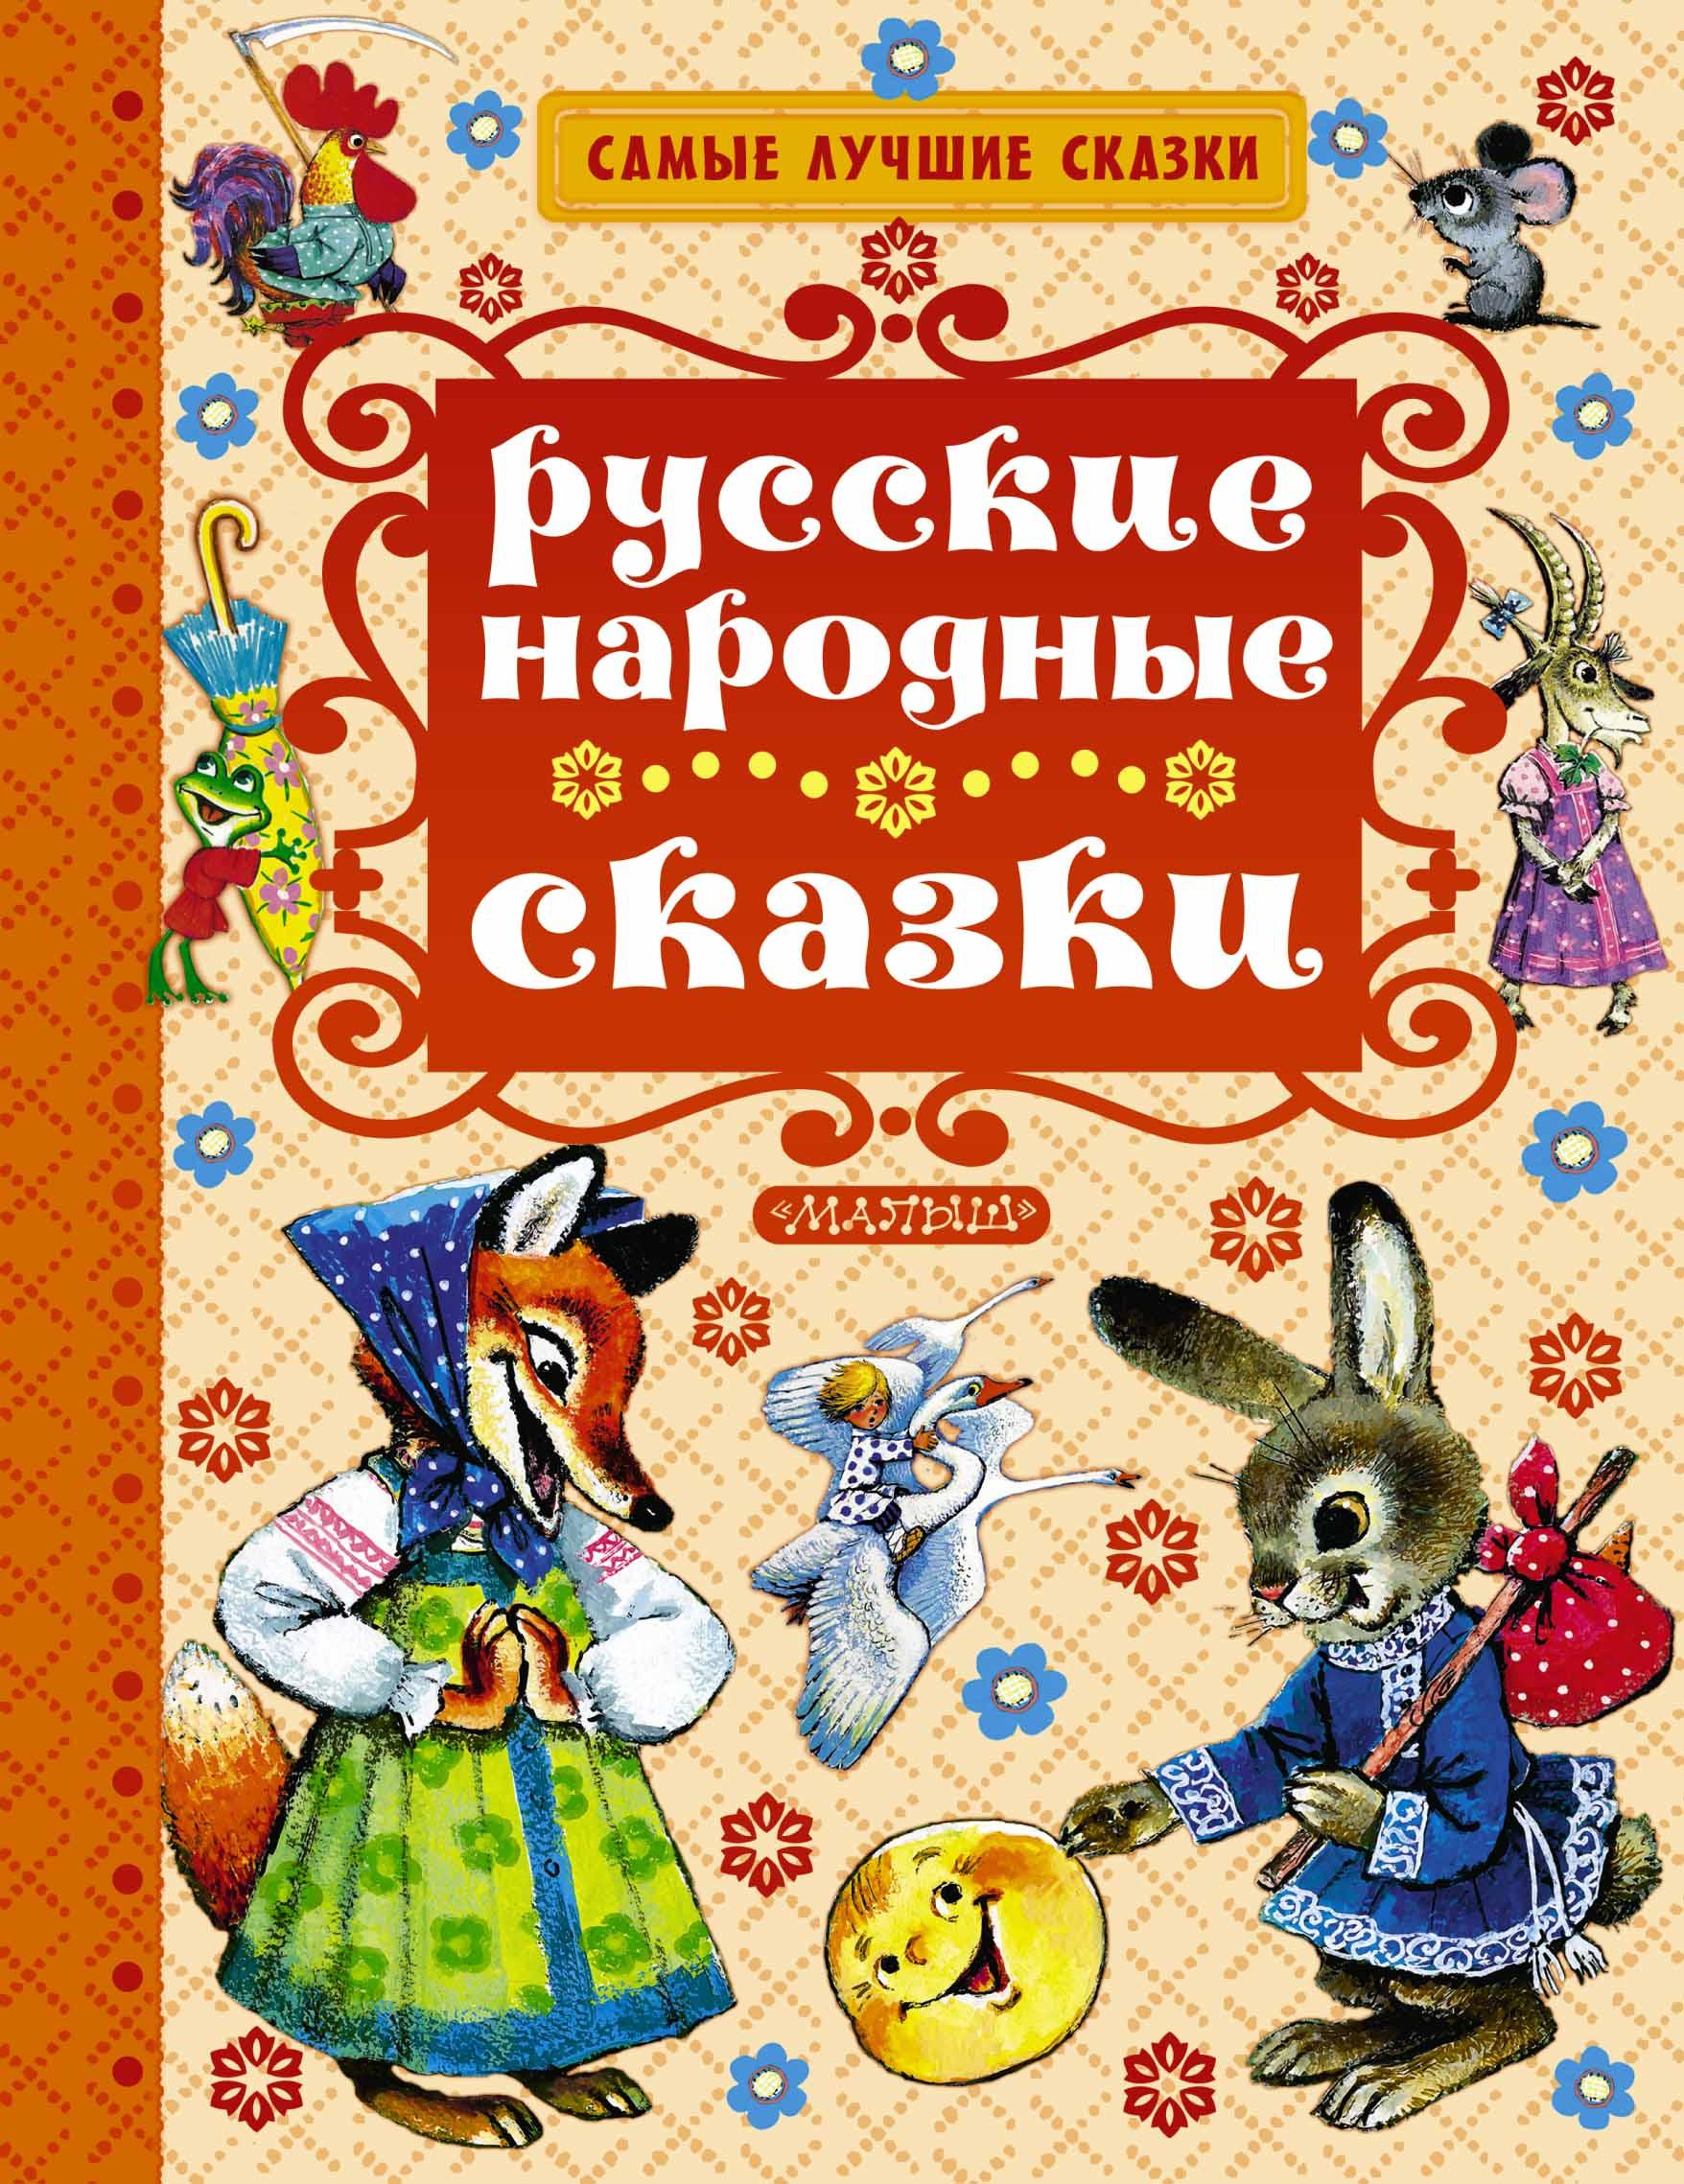 Фото - Отсутствует Русские народные сказки а толстой новогодние русские народные сказки